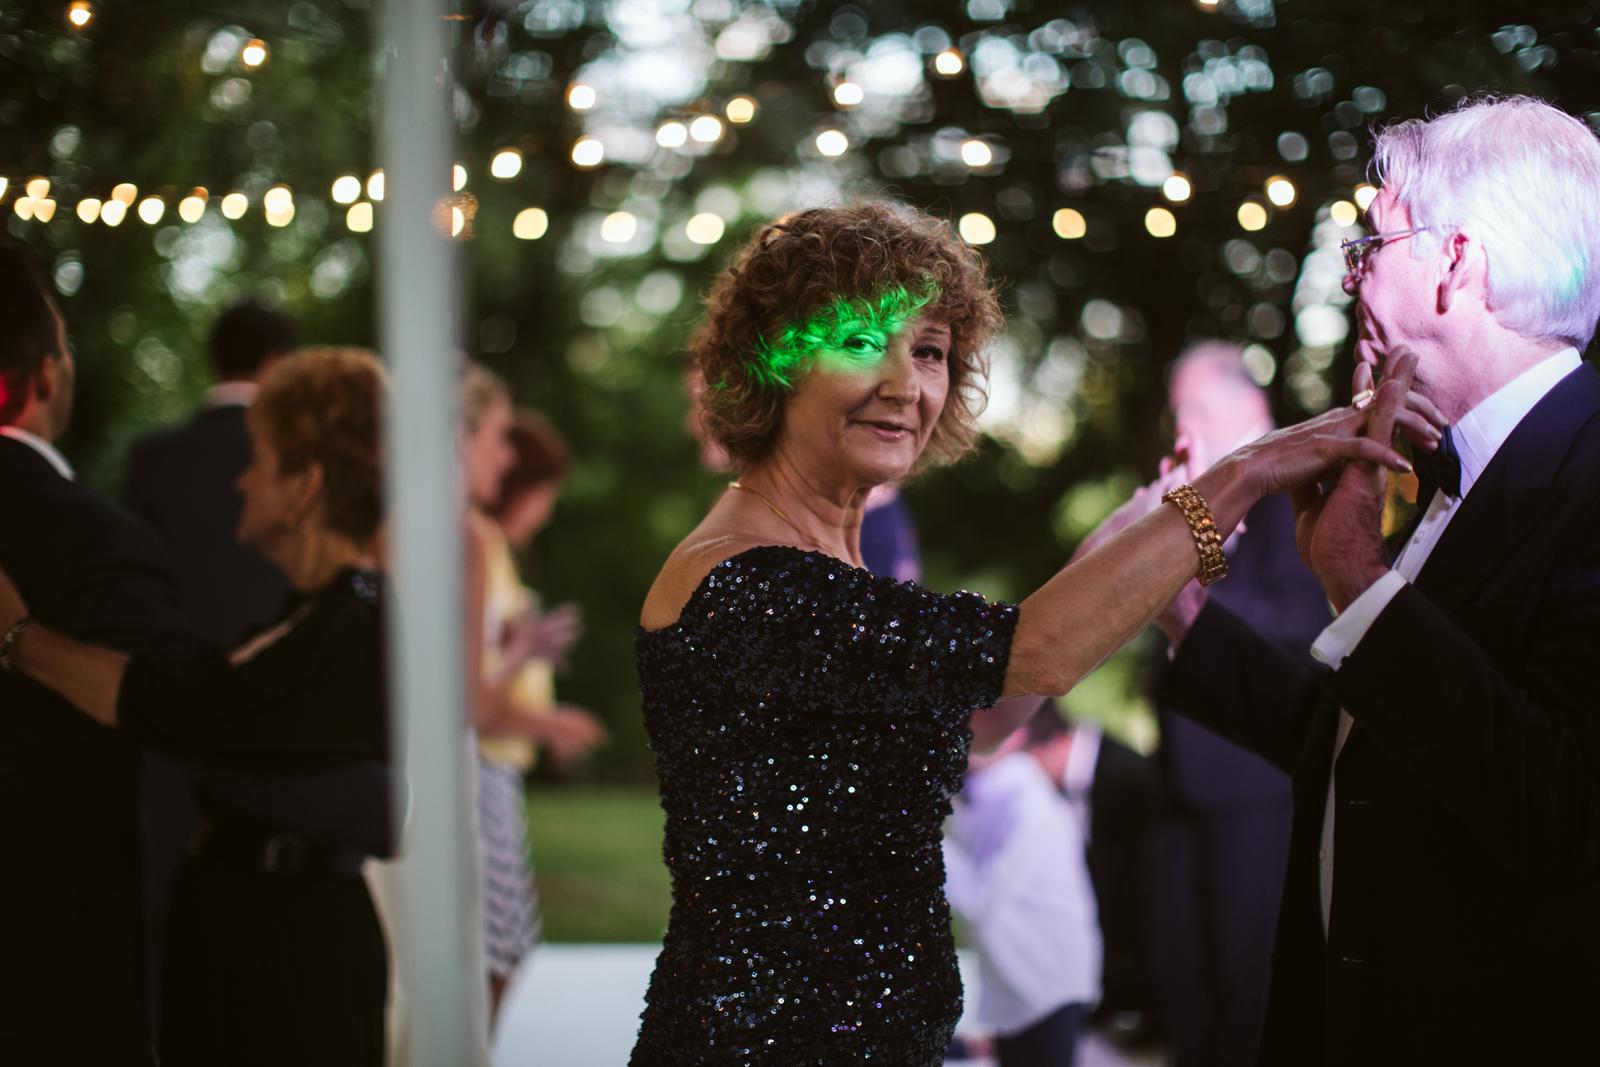 181-daronjackson-gabby-alec-wedding.jpg